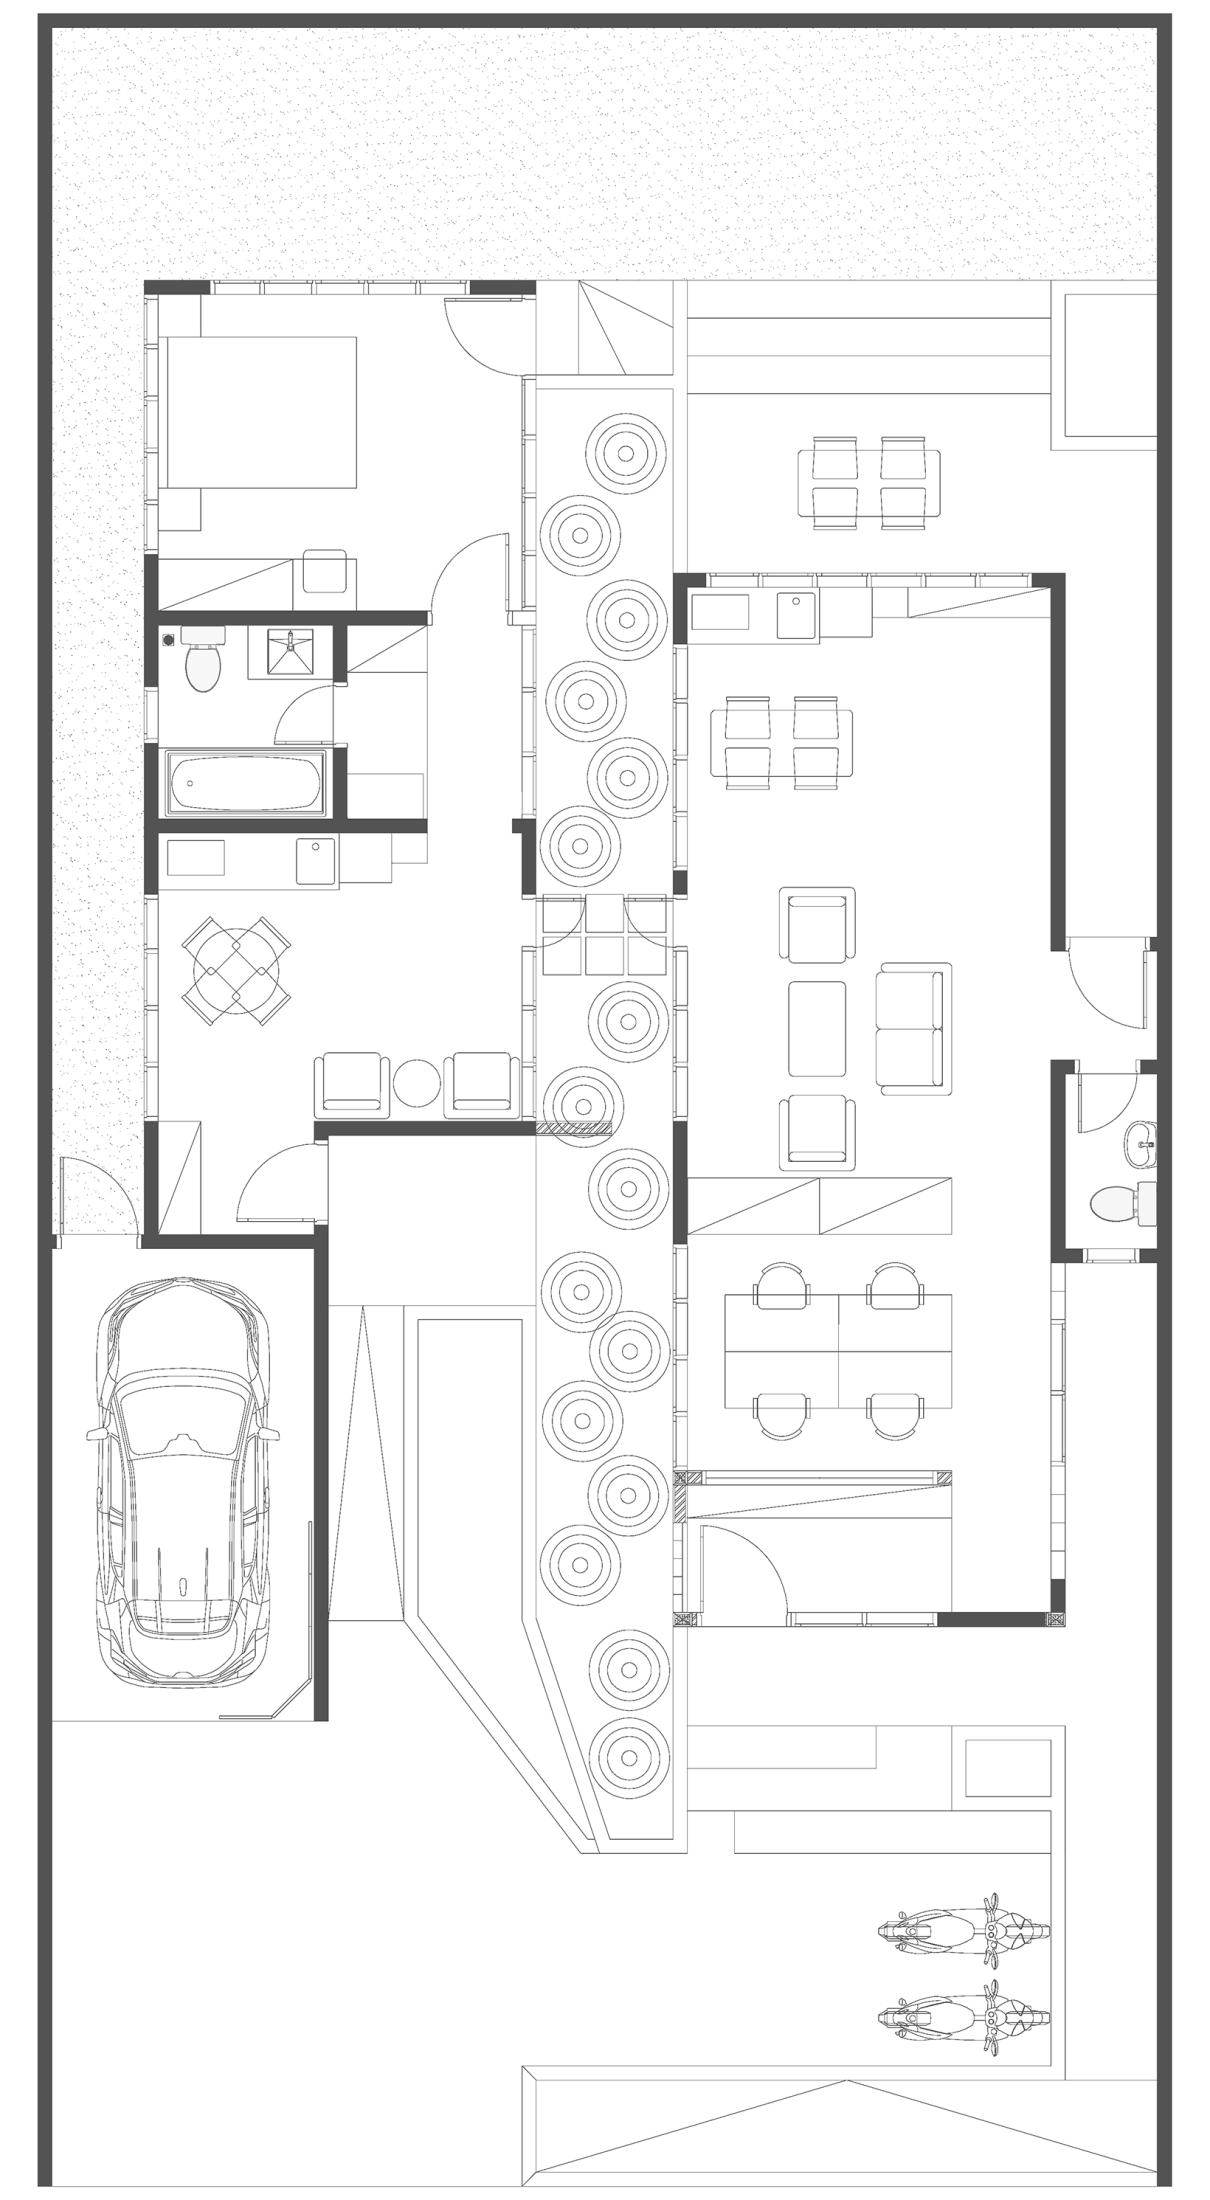 Studio Ted di Kotawaringin Timur